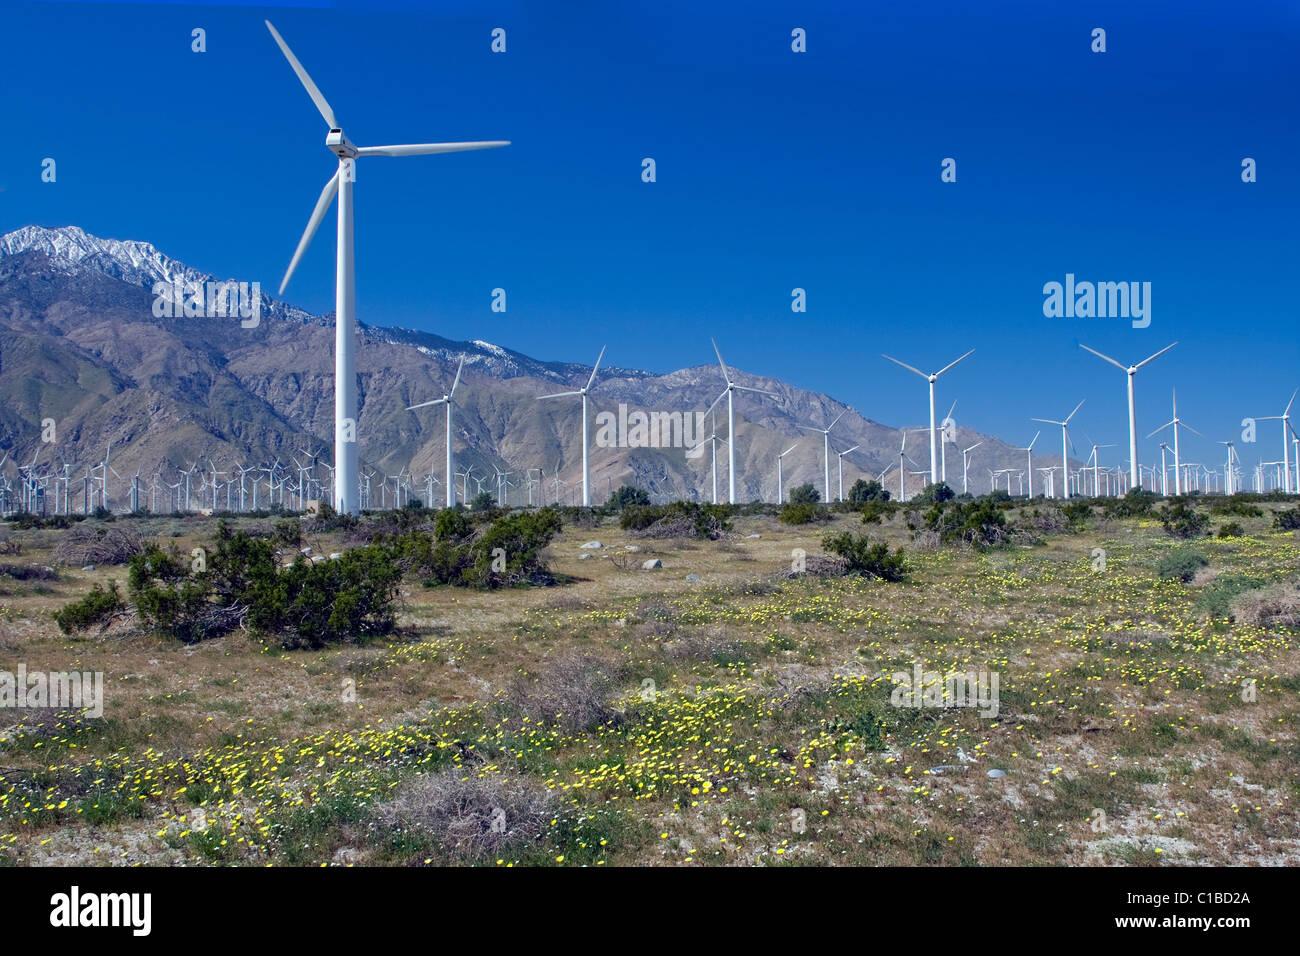 Eines Windparks in der Wüste von Kalifornien. Stockbild